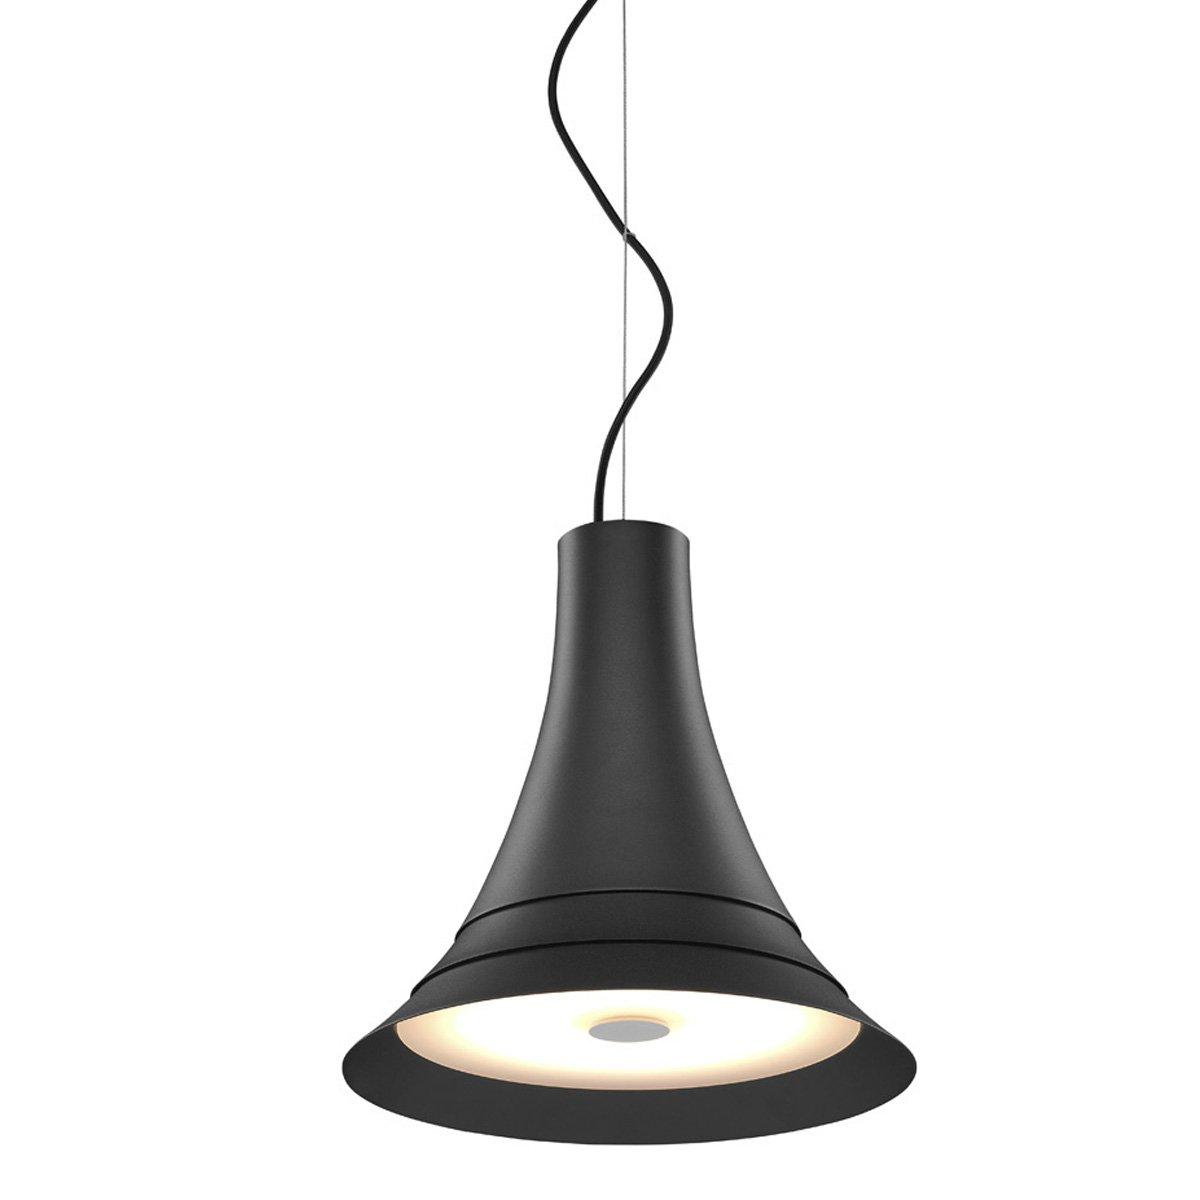 SLV - verlichting Hanglamp Bato SLV. 1000436